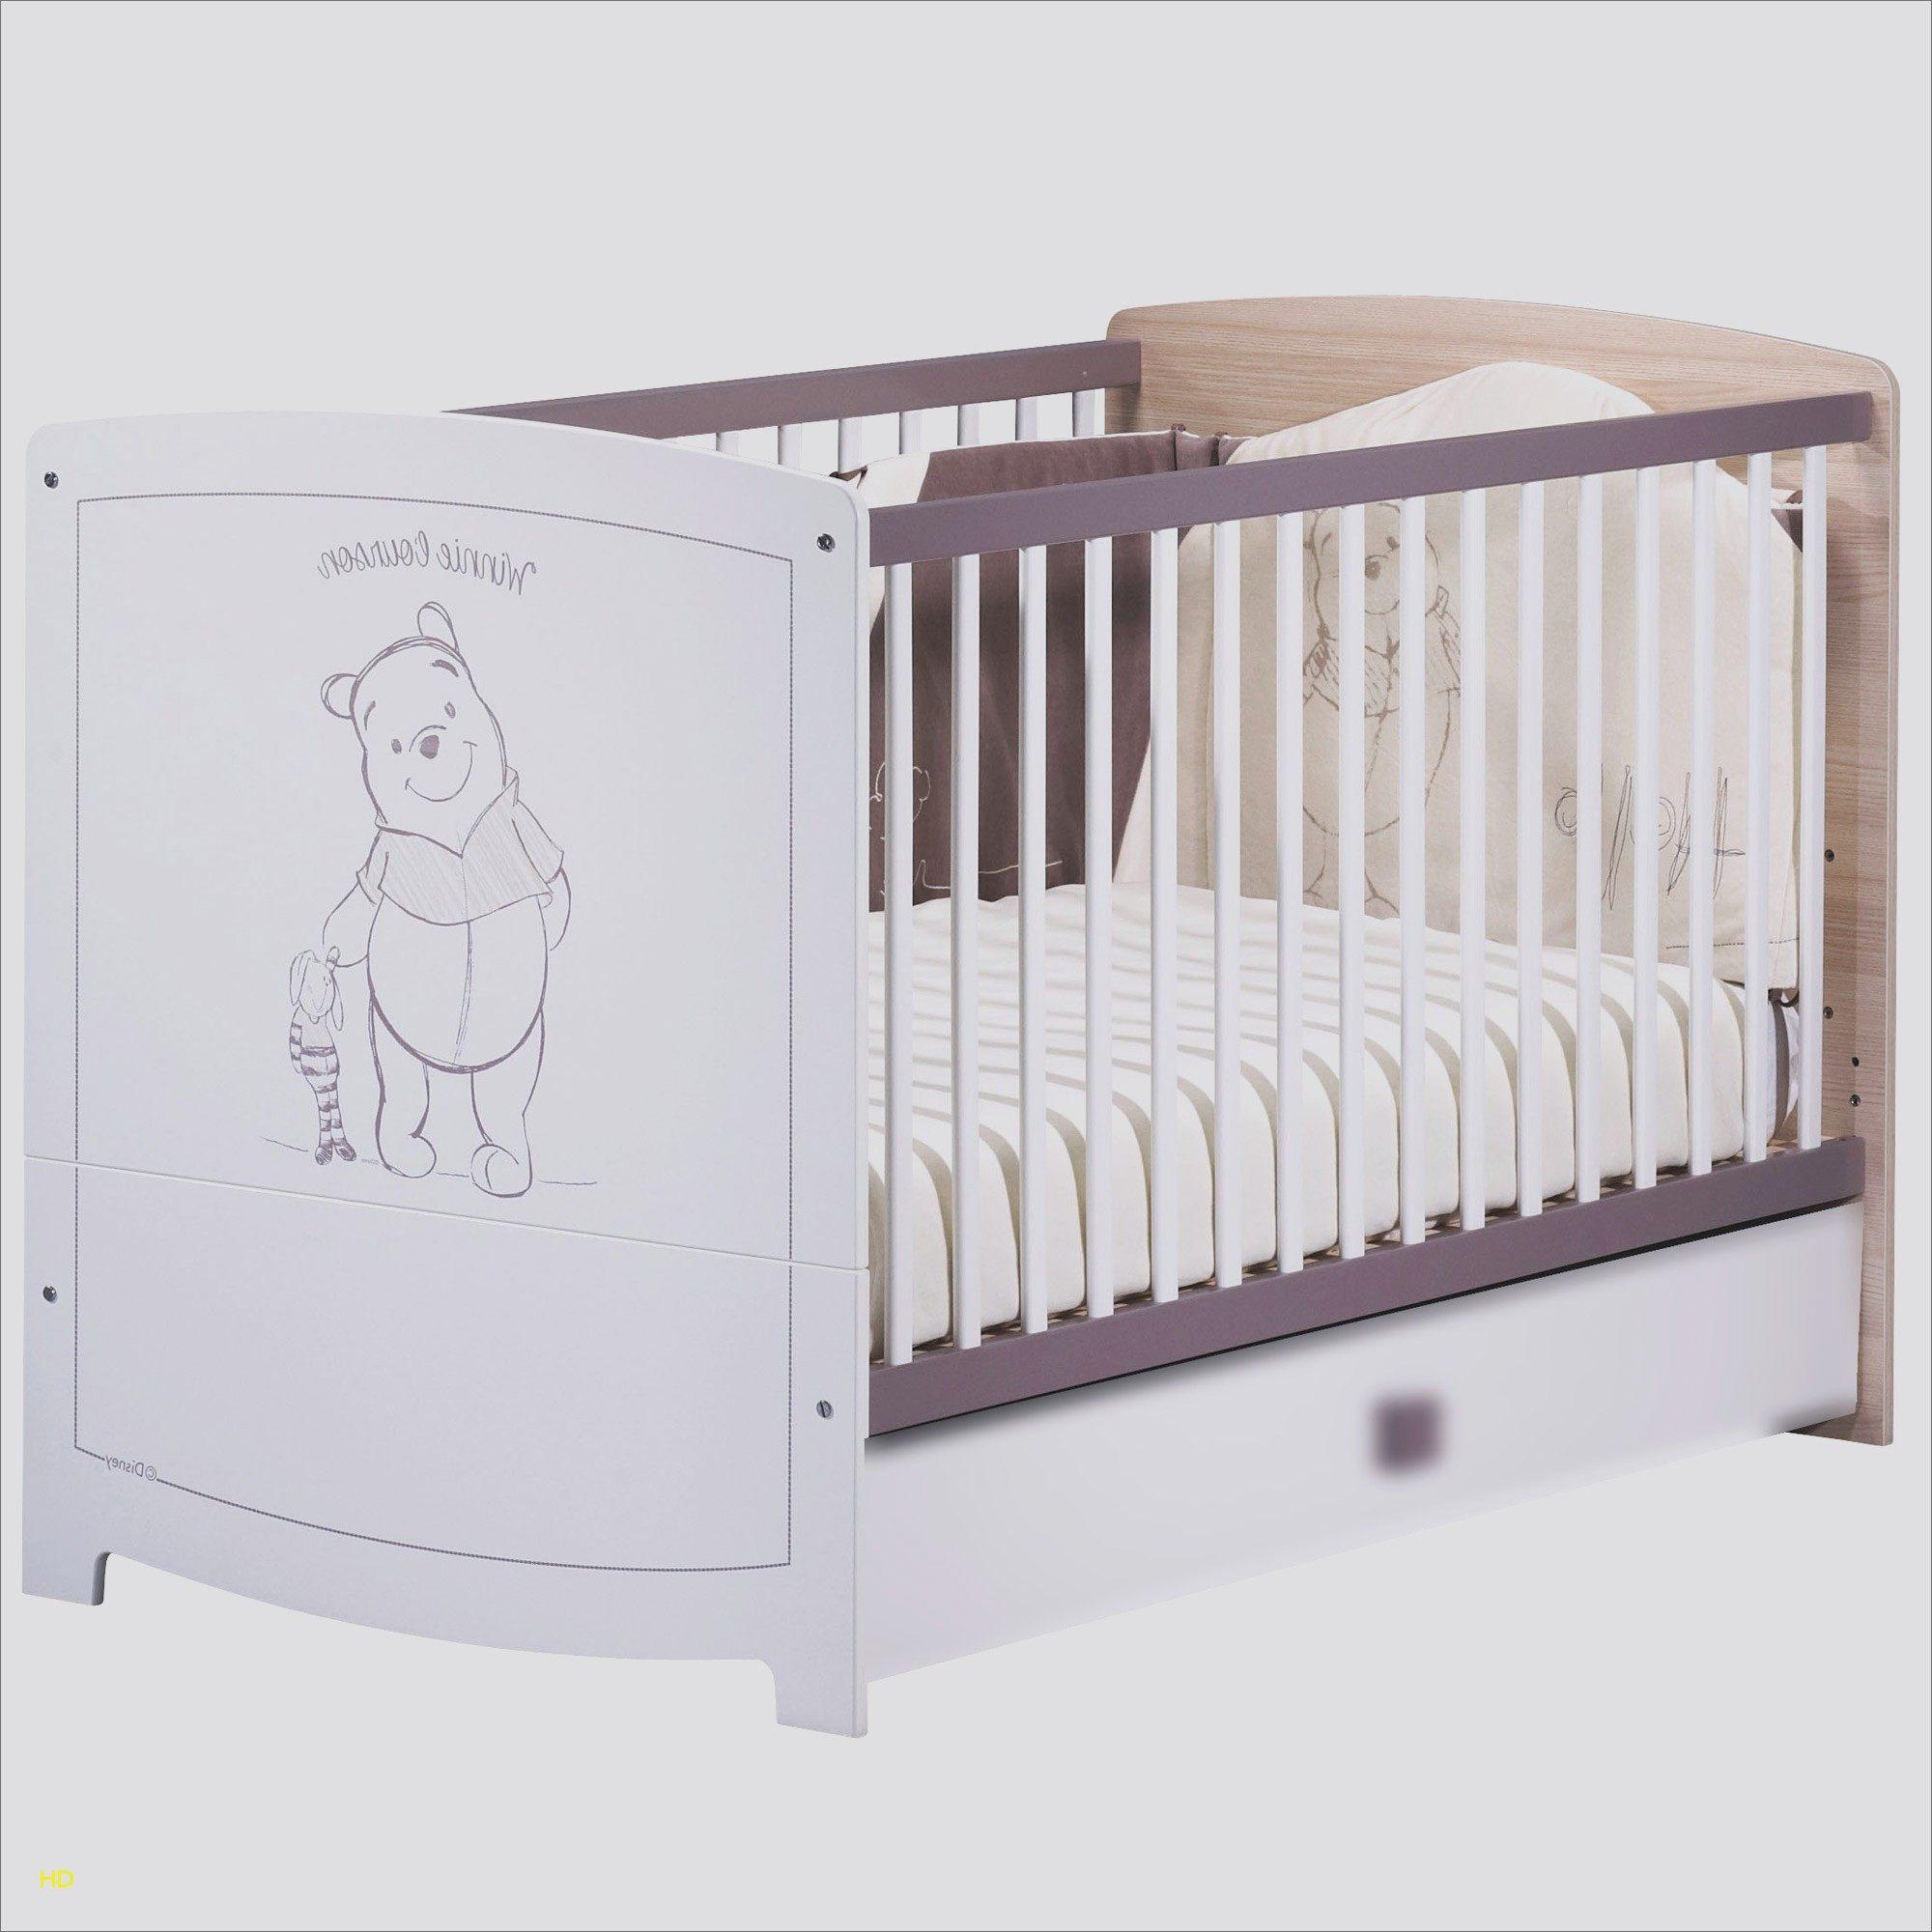 Lit Superposé Bébé Nouveau Meuble Pour Bébé Chaise De Bain Bébé Chaise Haute Bébé Pliante Parc